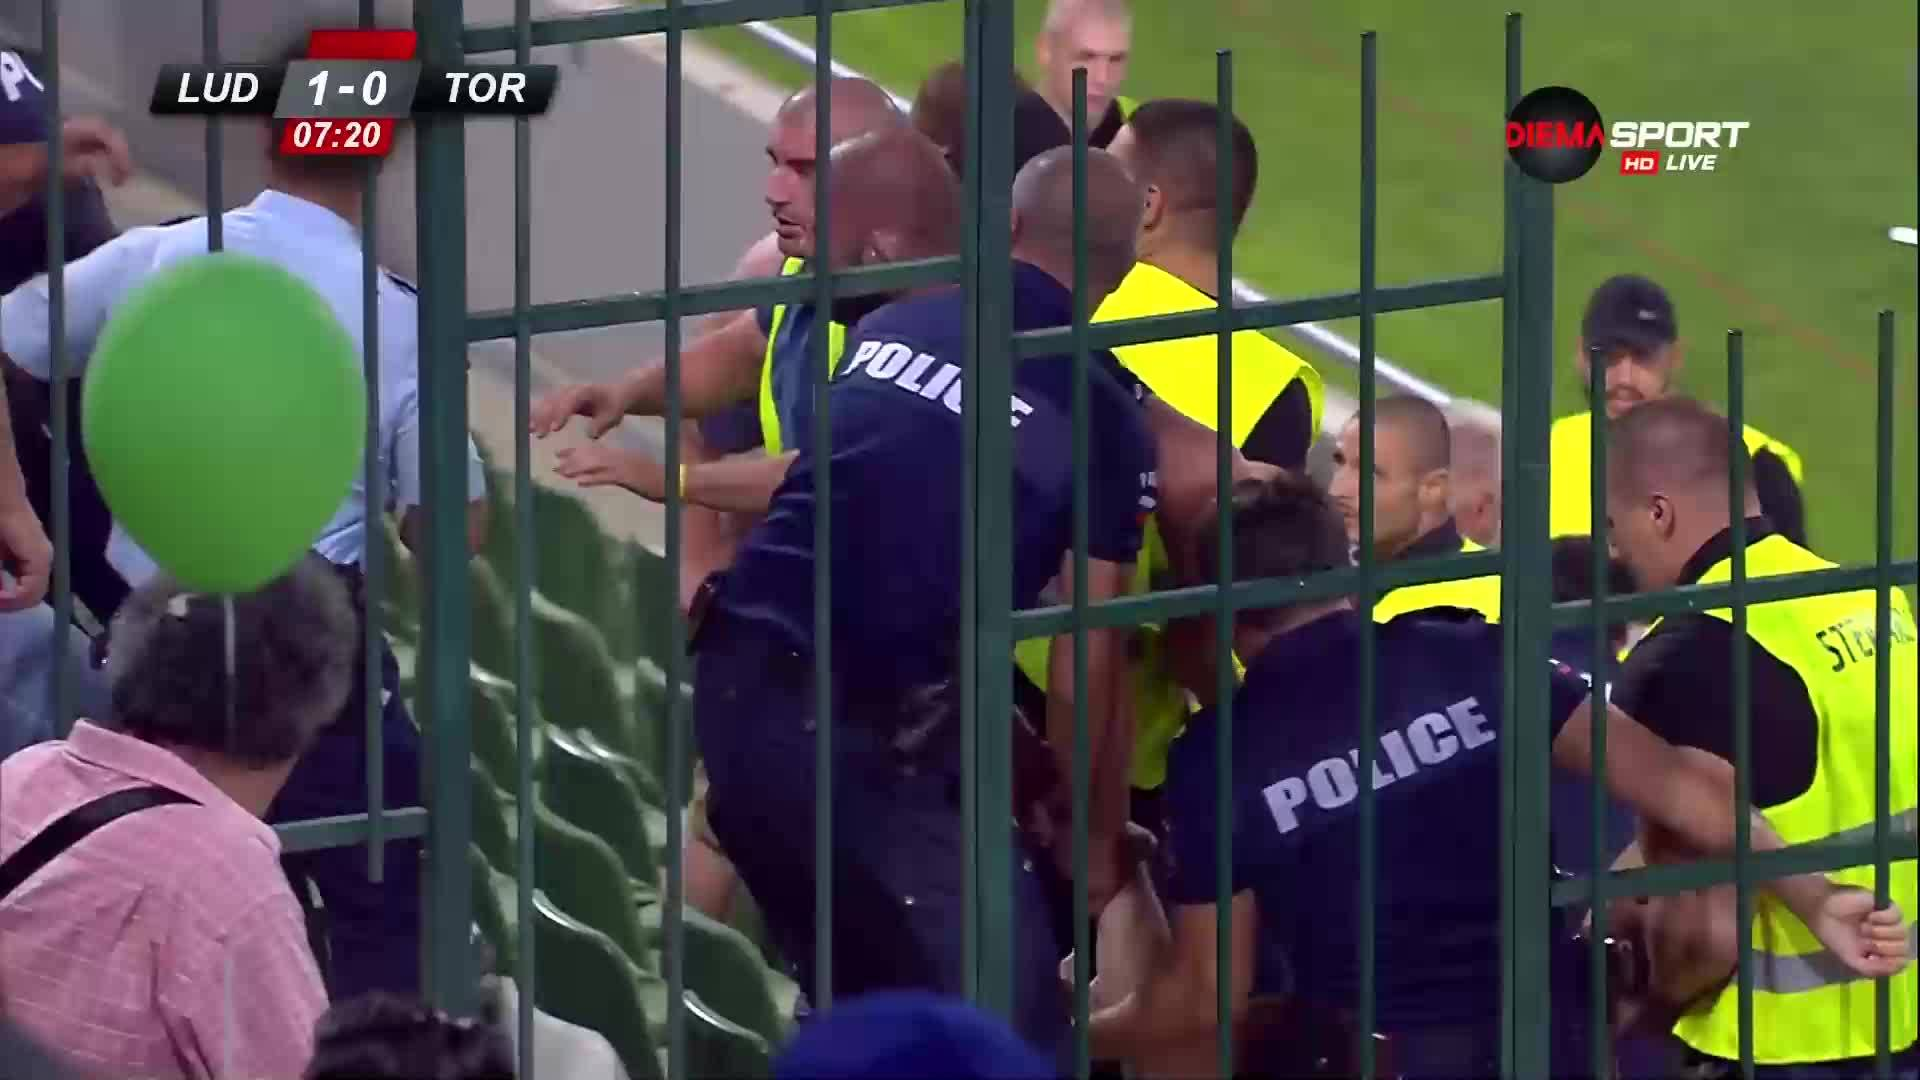 Феновете на Торпедо полудяха след гола на Лудогорец